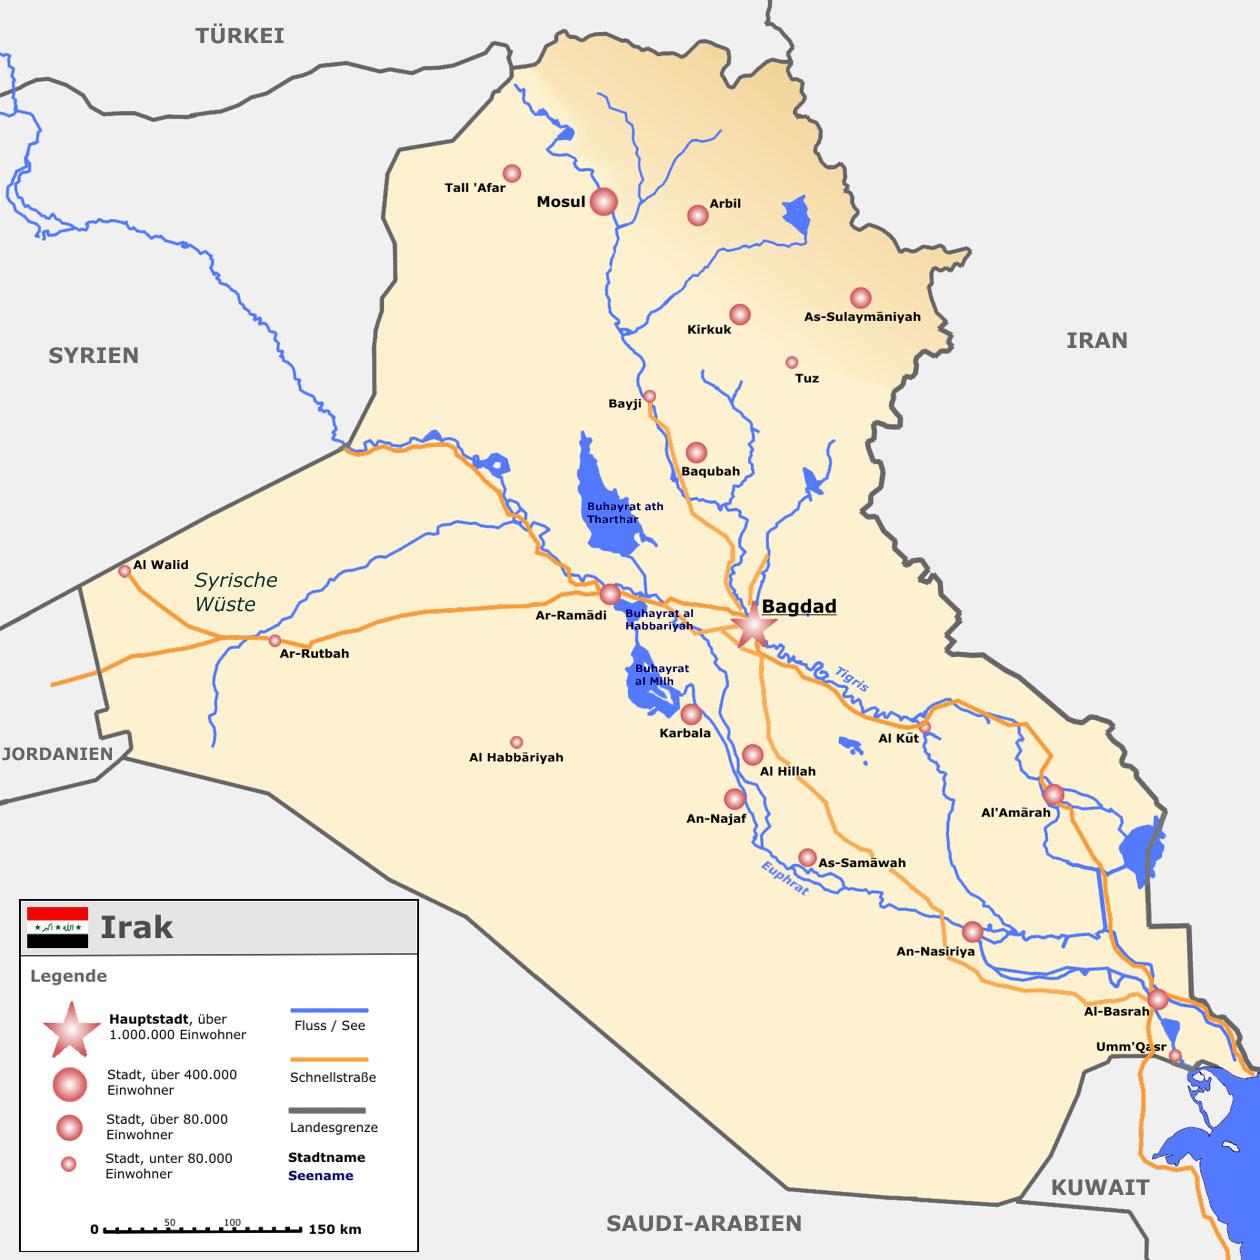 Nachhaltige Entwicklung brauchen syrische Flüchtlinge im Irak